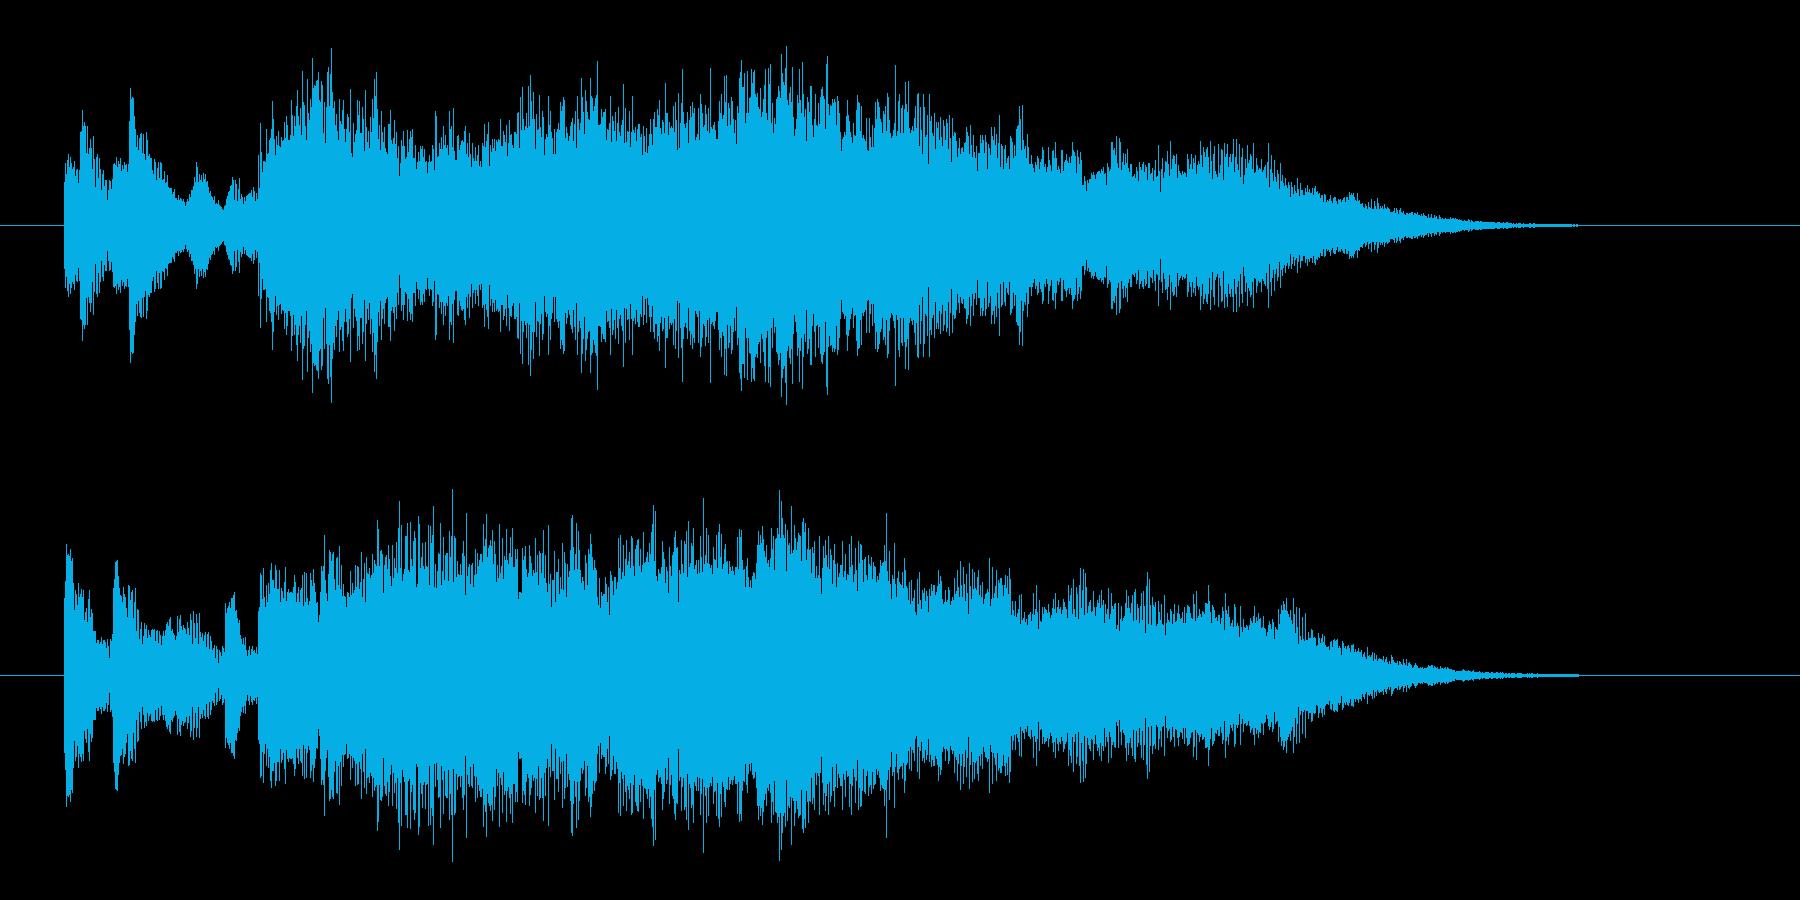 サウンドロゴ【宇宙】ハヤブサ 光ジングルの再生済みの波形